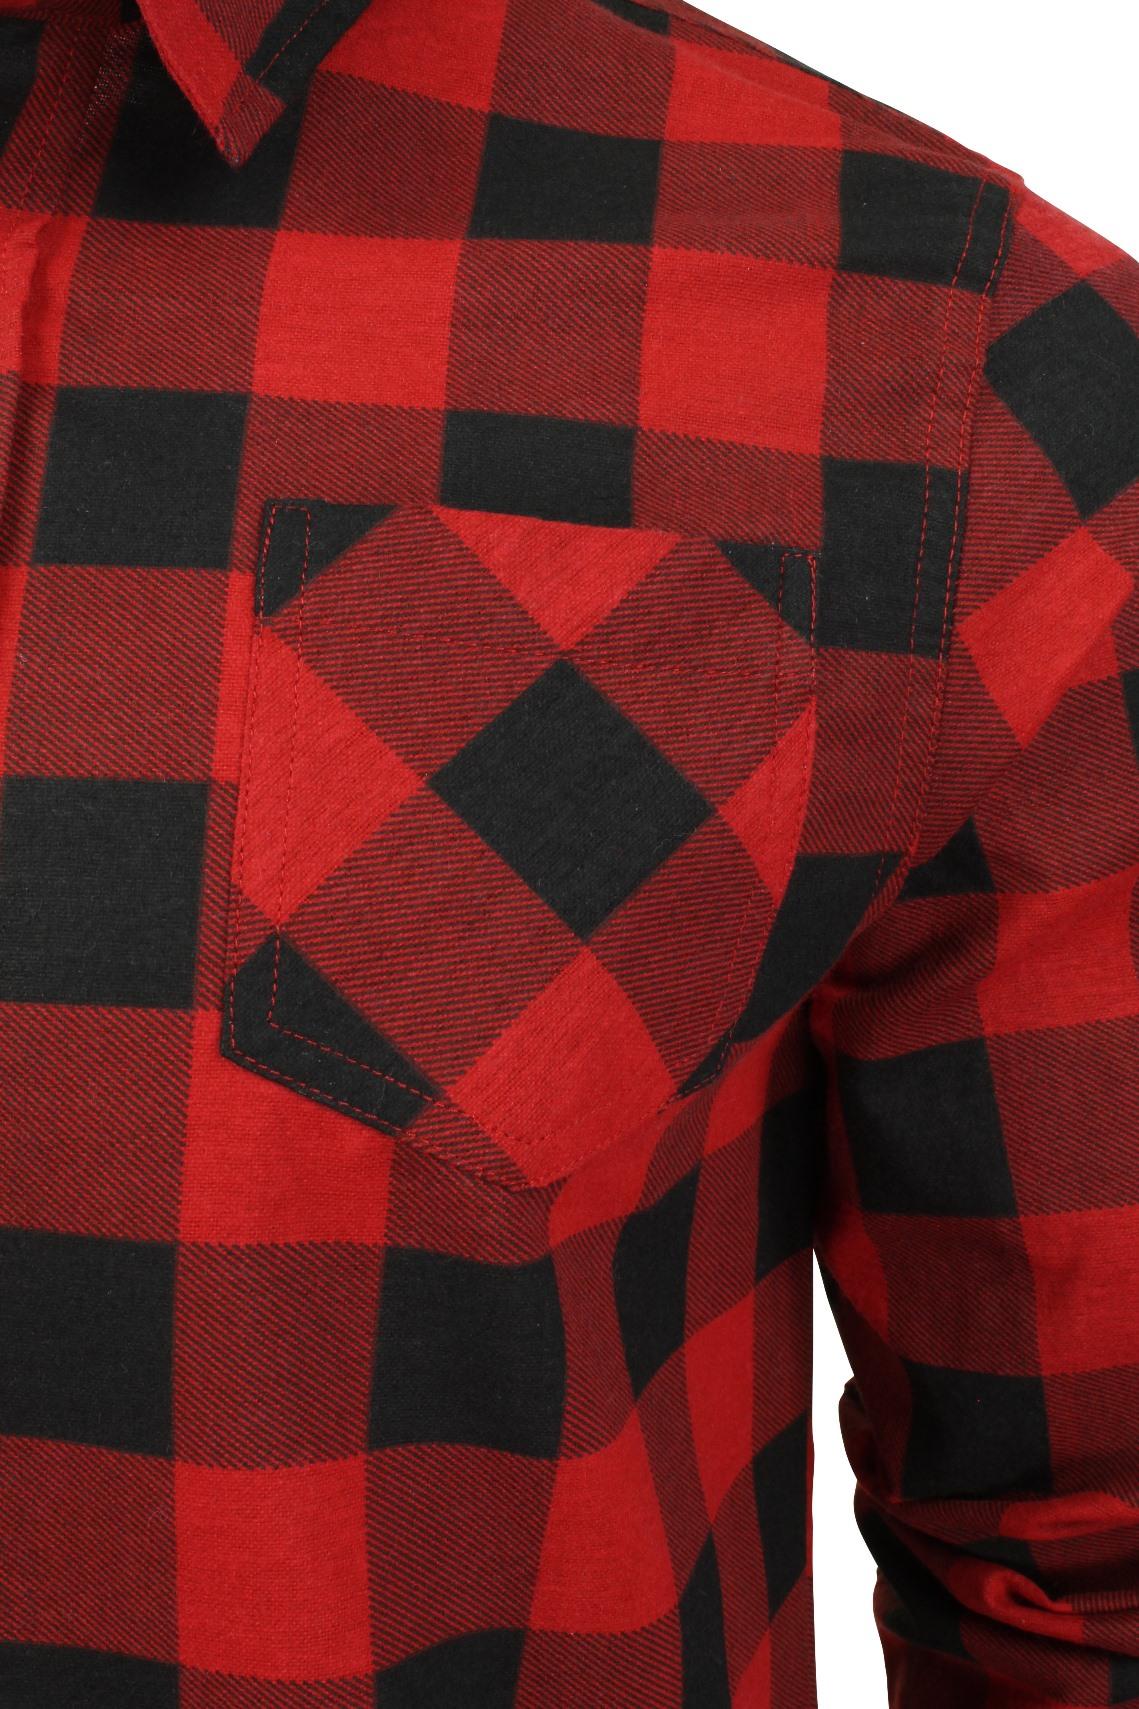 Verificacion-de-franela-de-algodon-cepillado-alma-valiente-camisa-de-mangas-largas-De-Jack miniatura 20